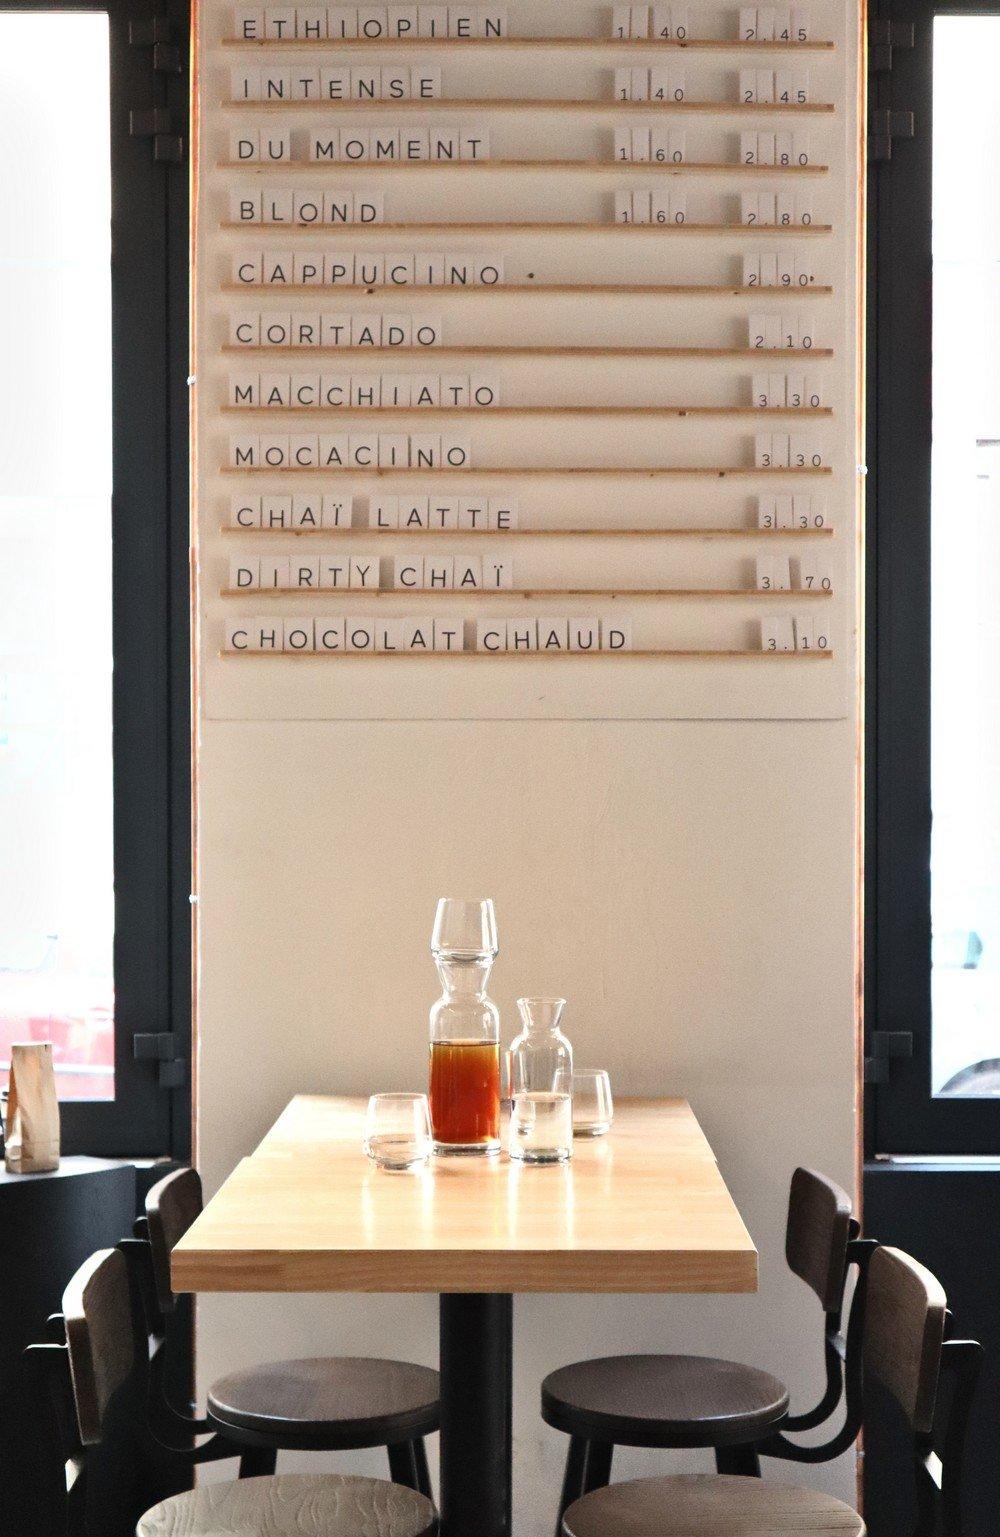 café grenoblois bon label mondaines